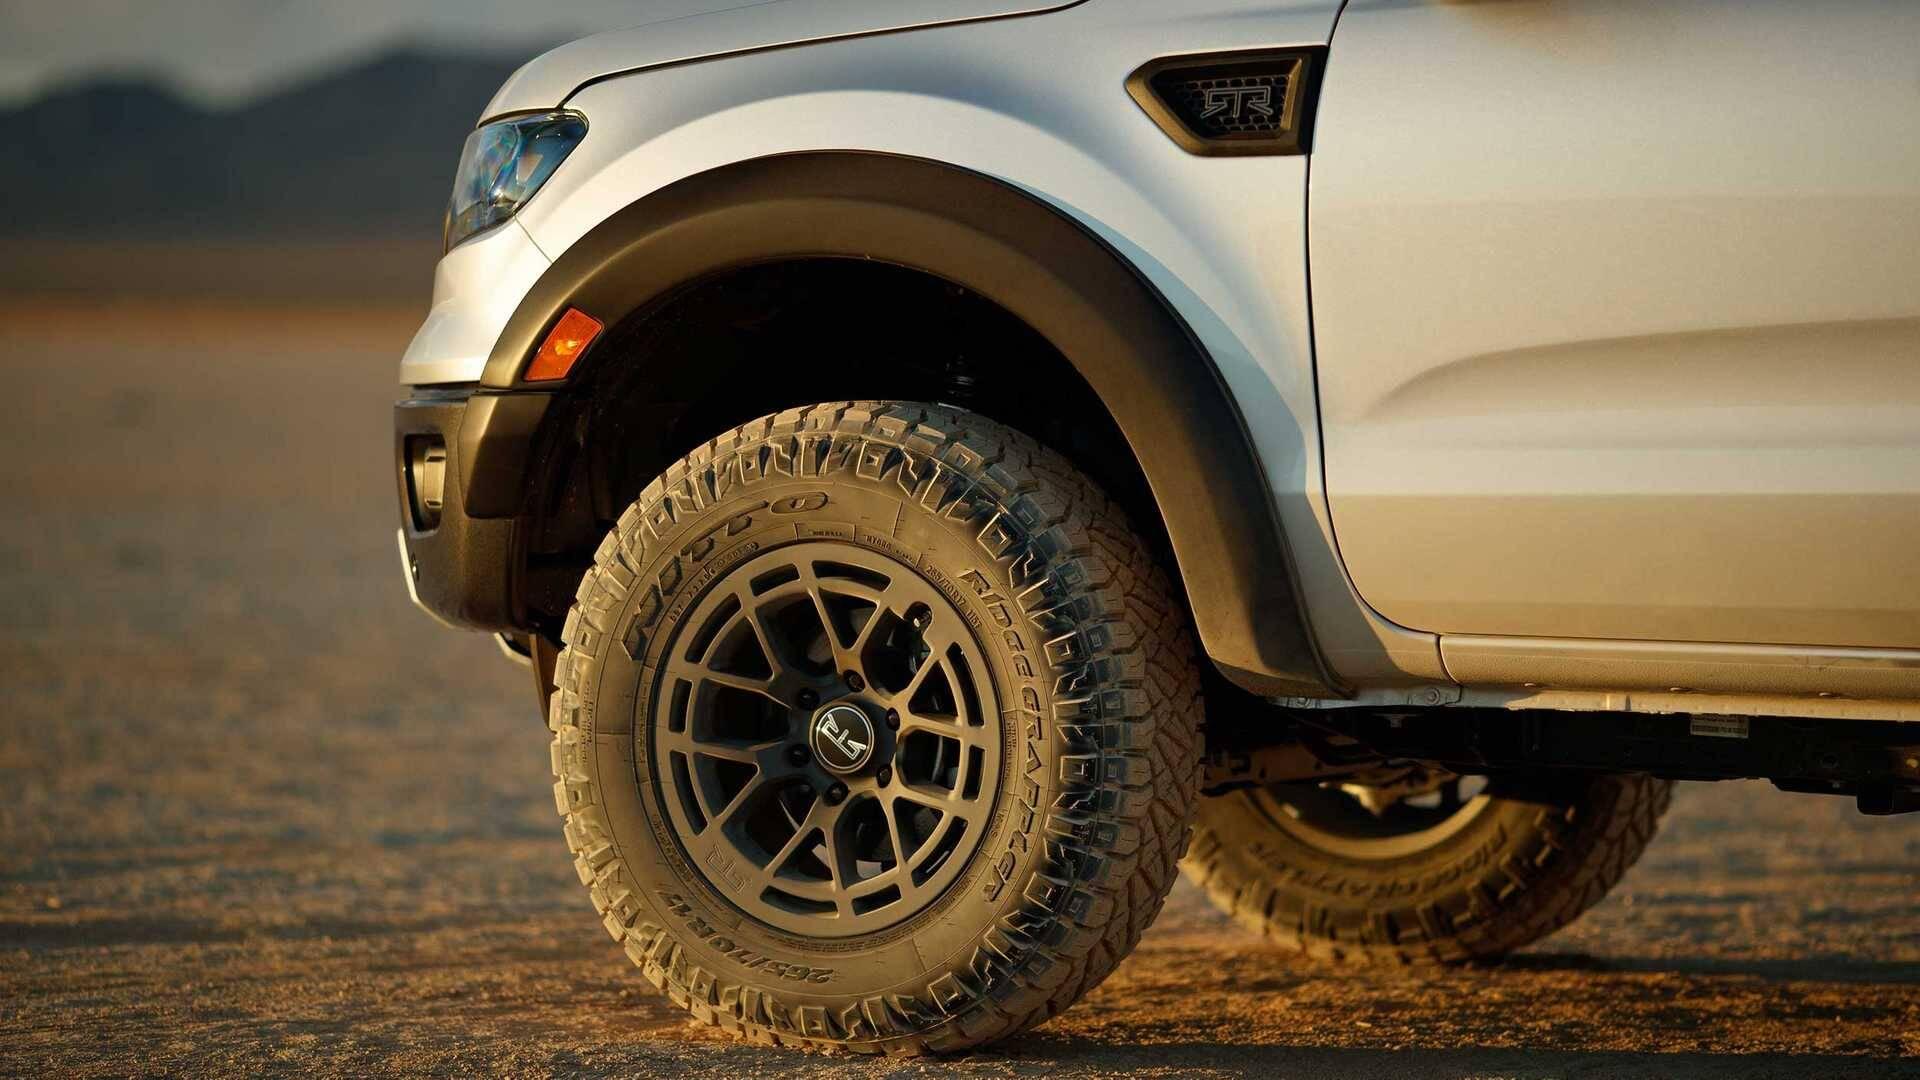 Ford Ranger RTR. Foto: Divulgação